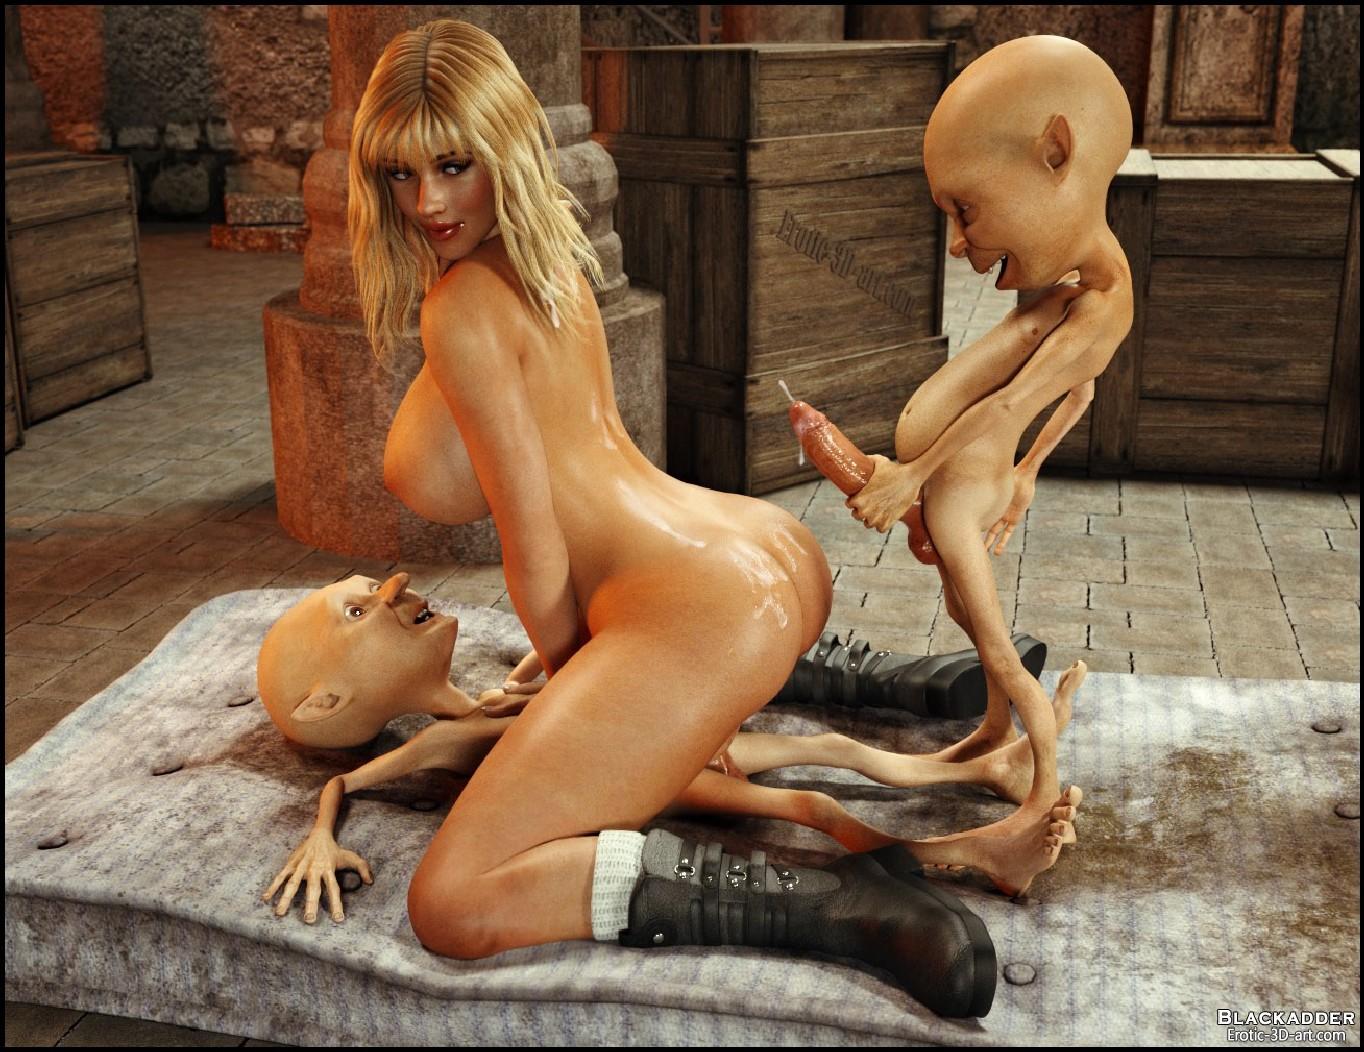 Скачать Порно 3d Блондинка И Монстры